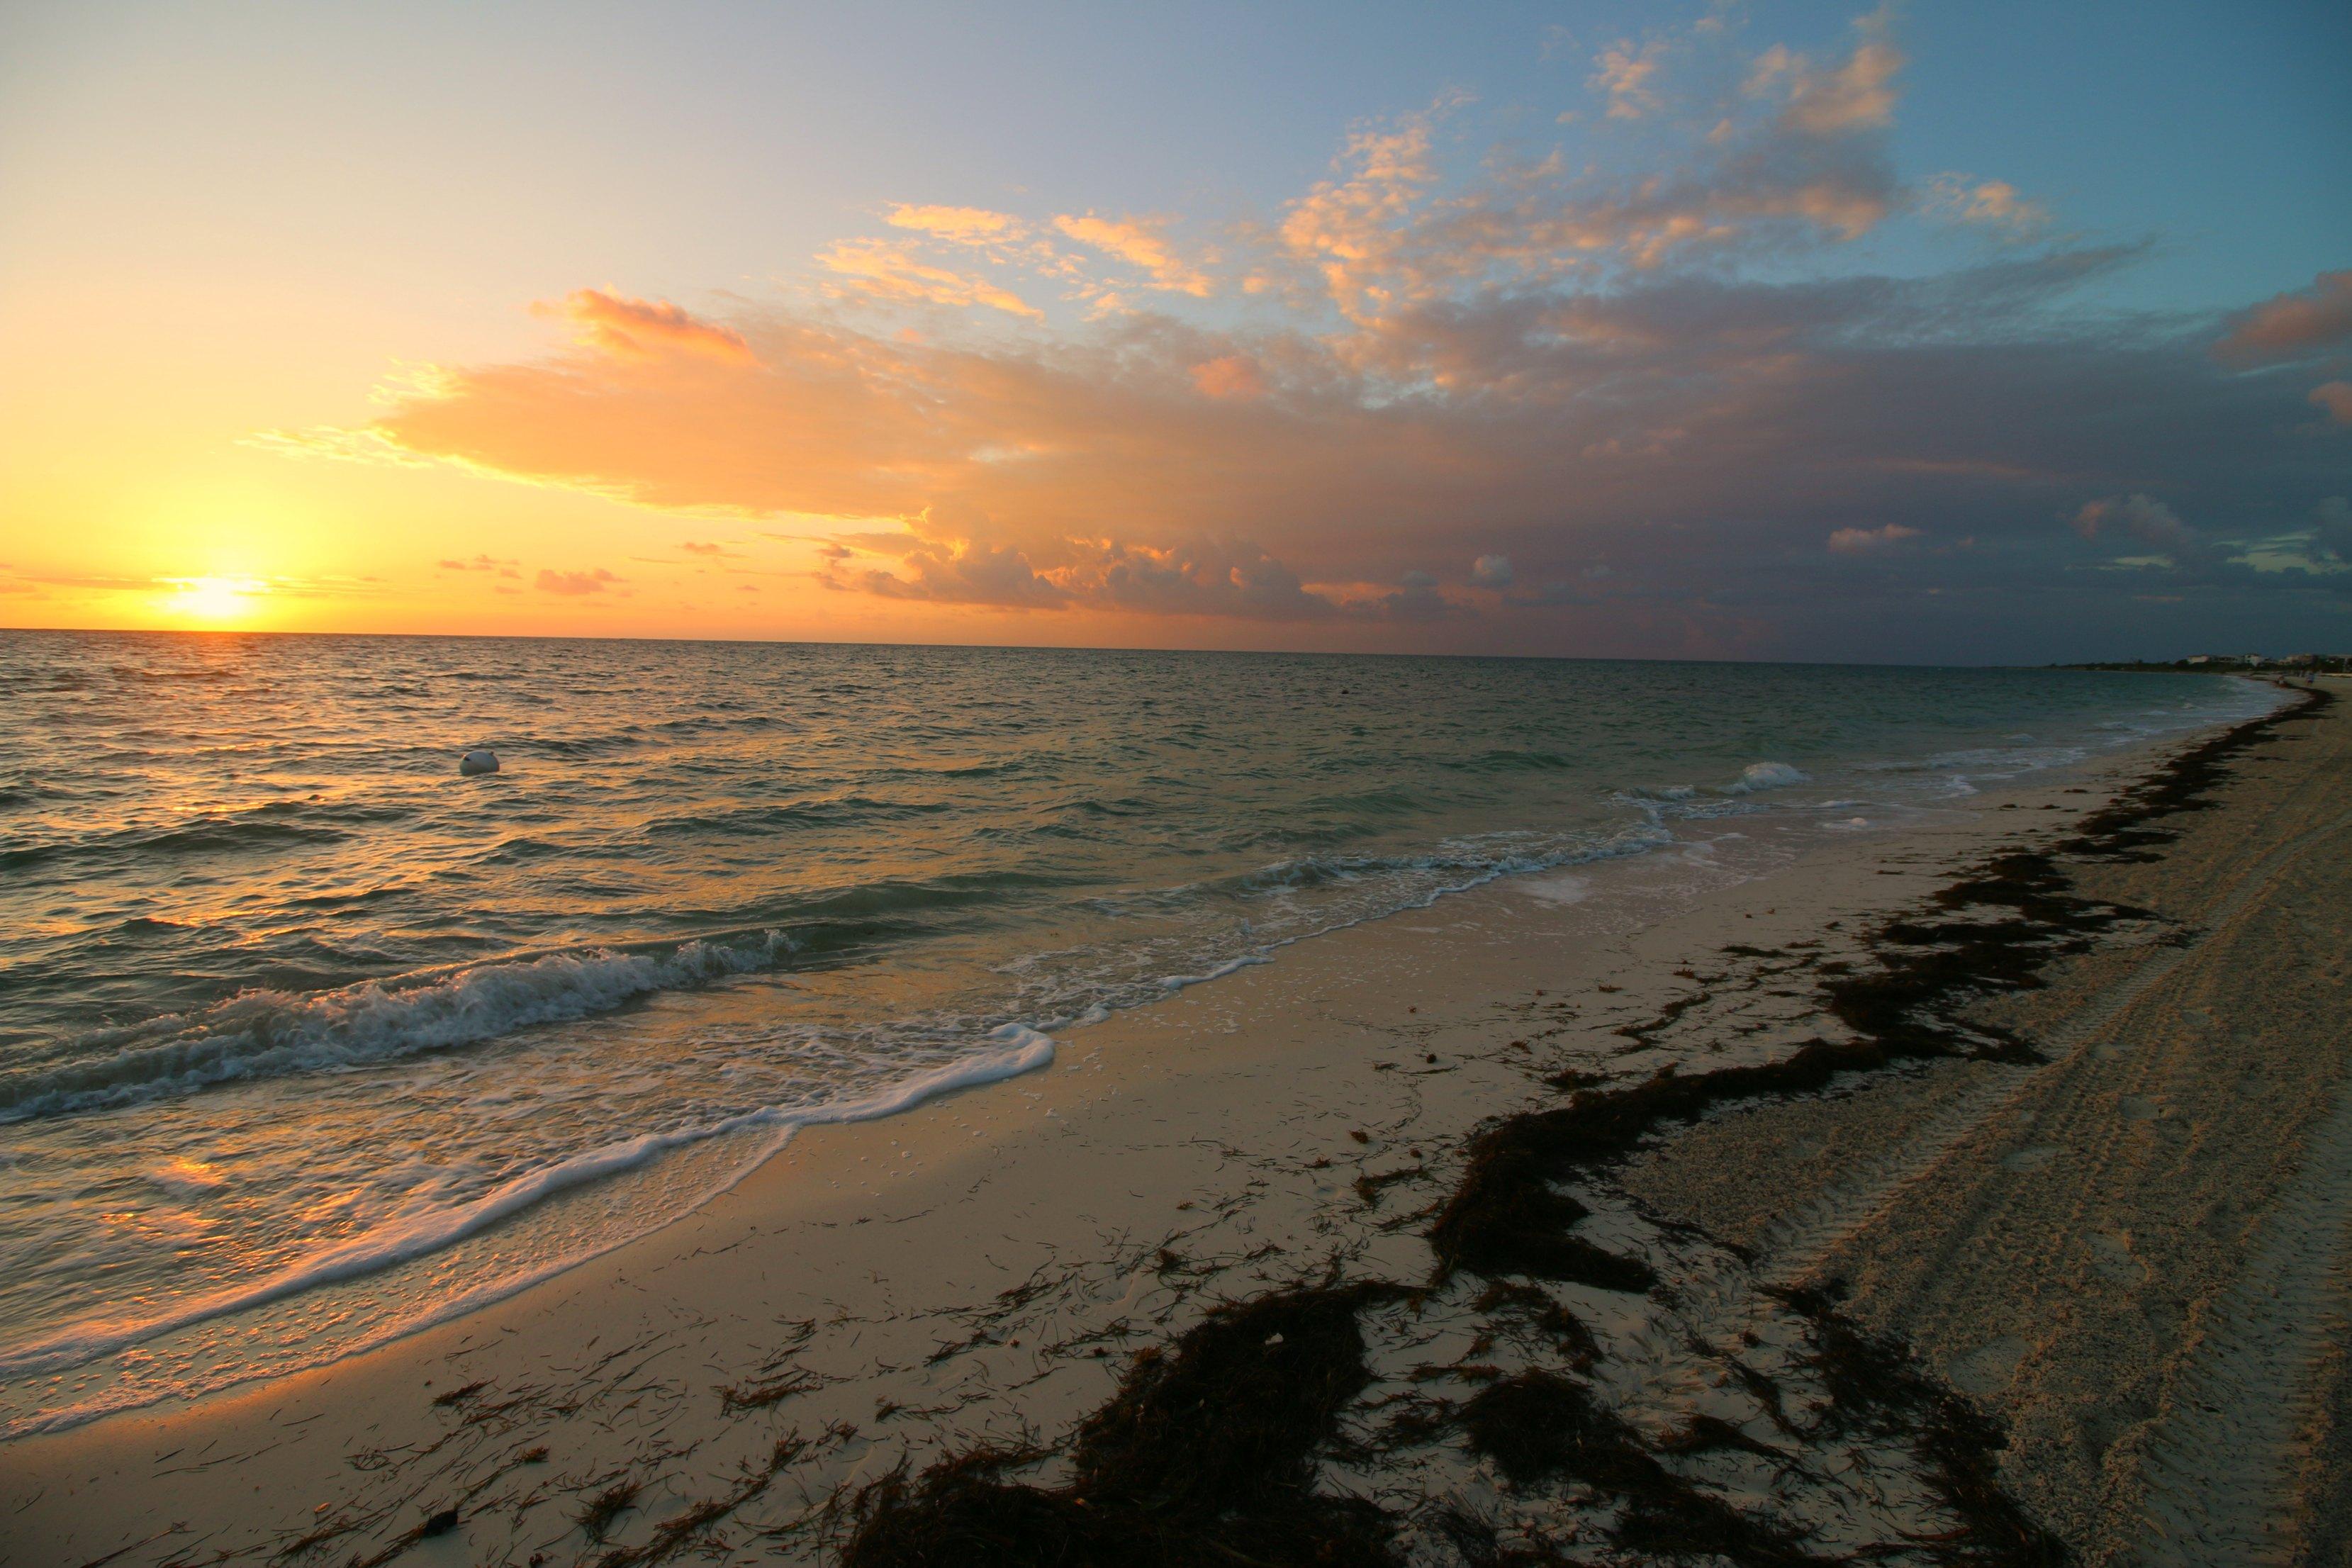 sunrise-in-cancun